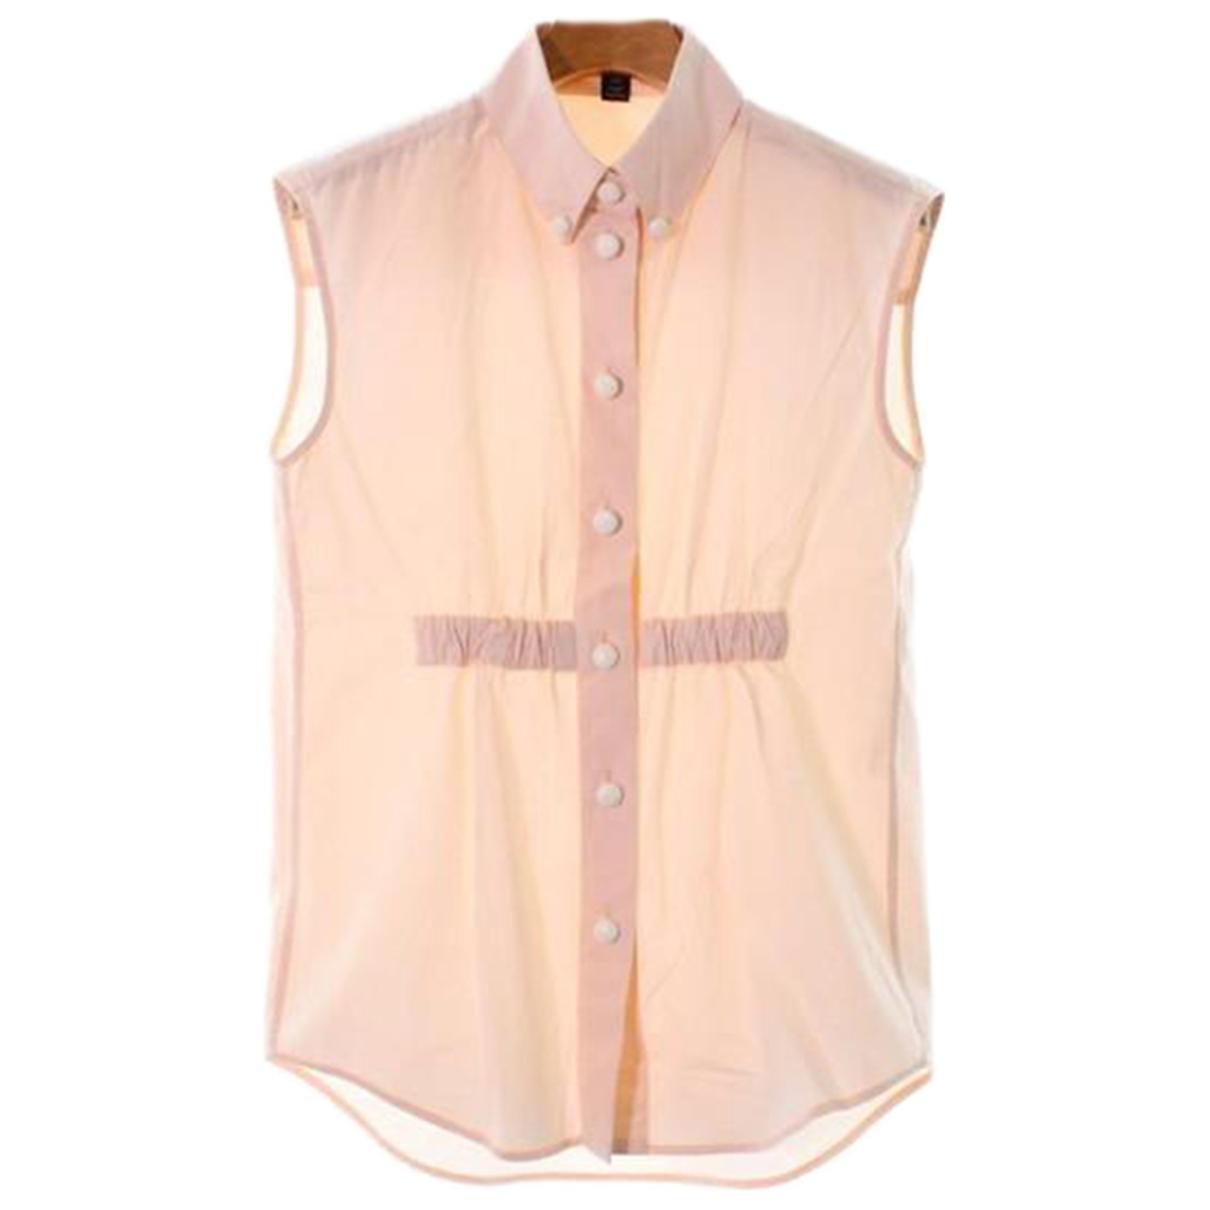 Louis Vuitton - Top   pour femme en coton - rose